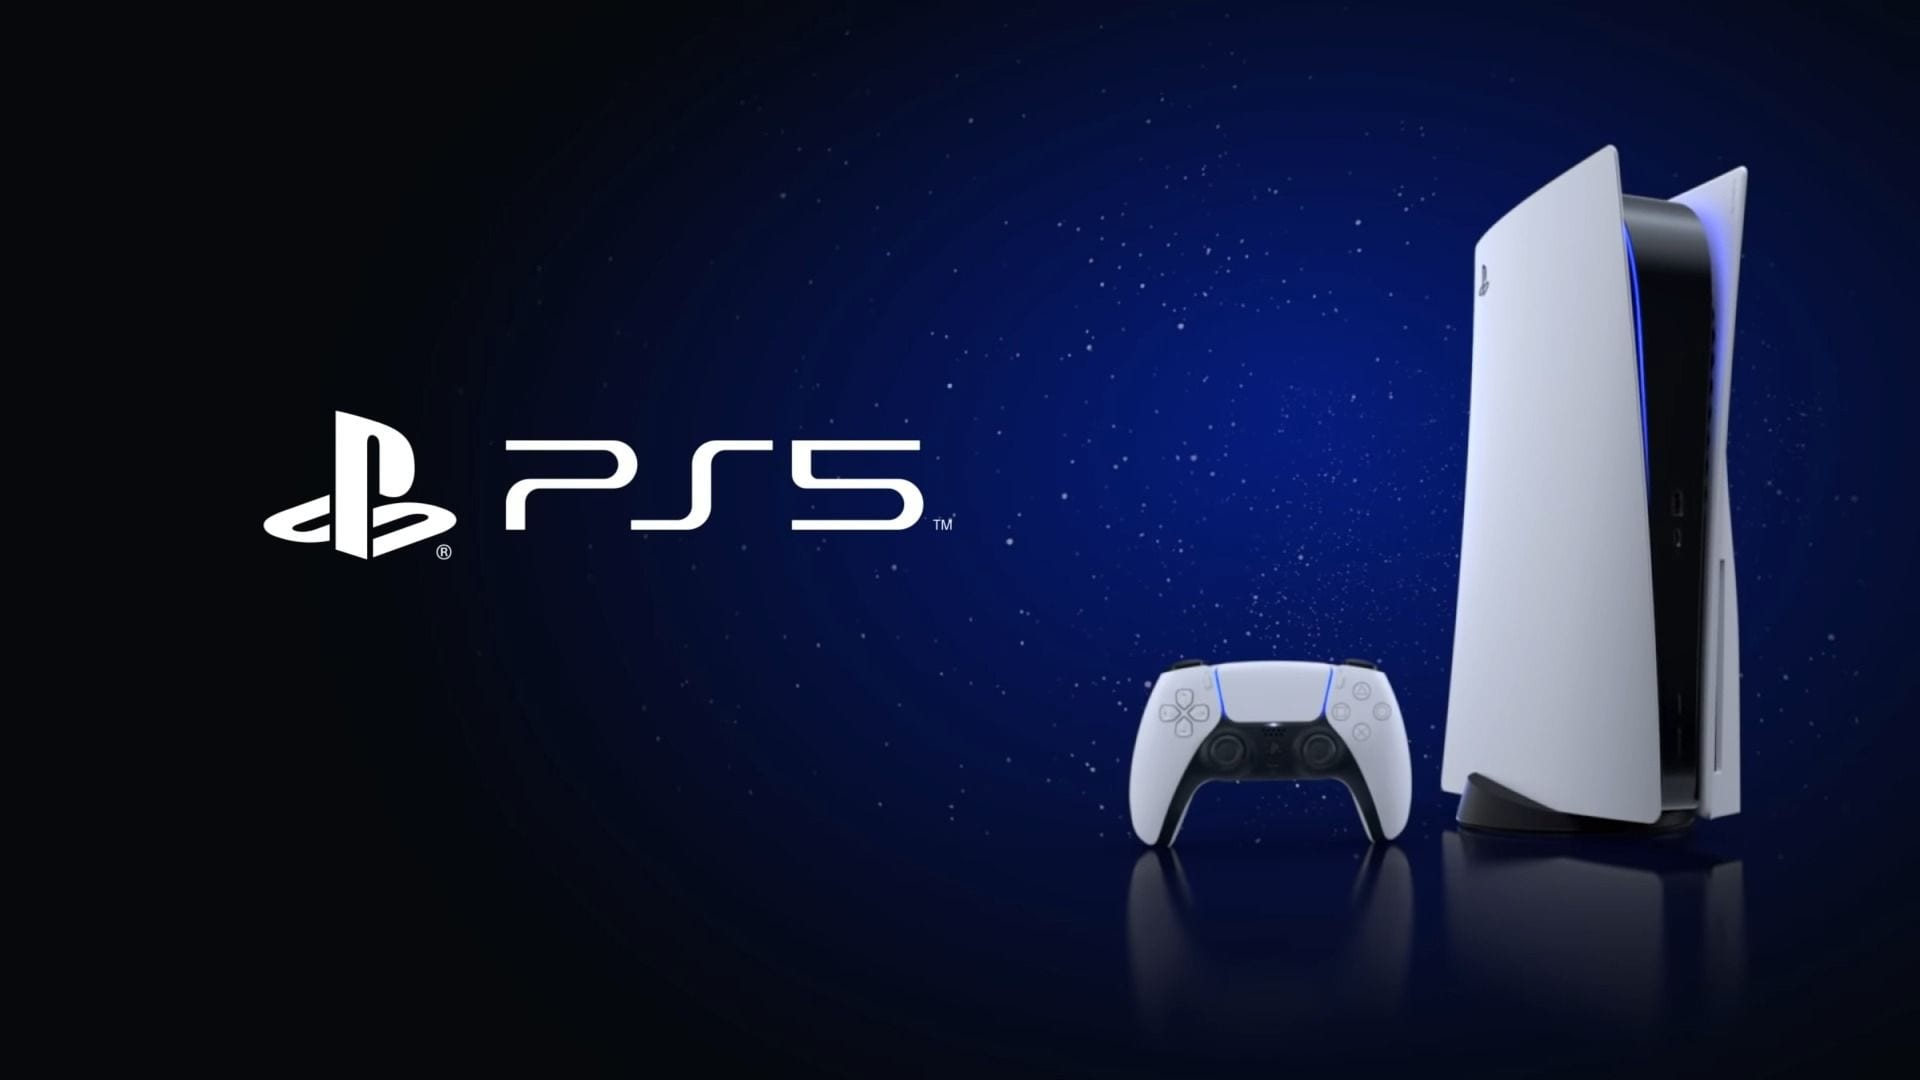 Uma patente recentemente registrada da Sony Group Corp mostra que a Sony está trabalhando em um novo modelo de PlayStation 5.